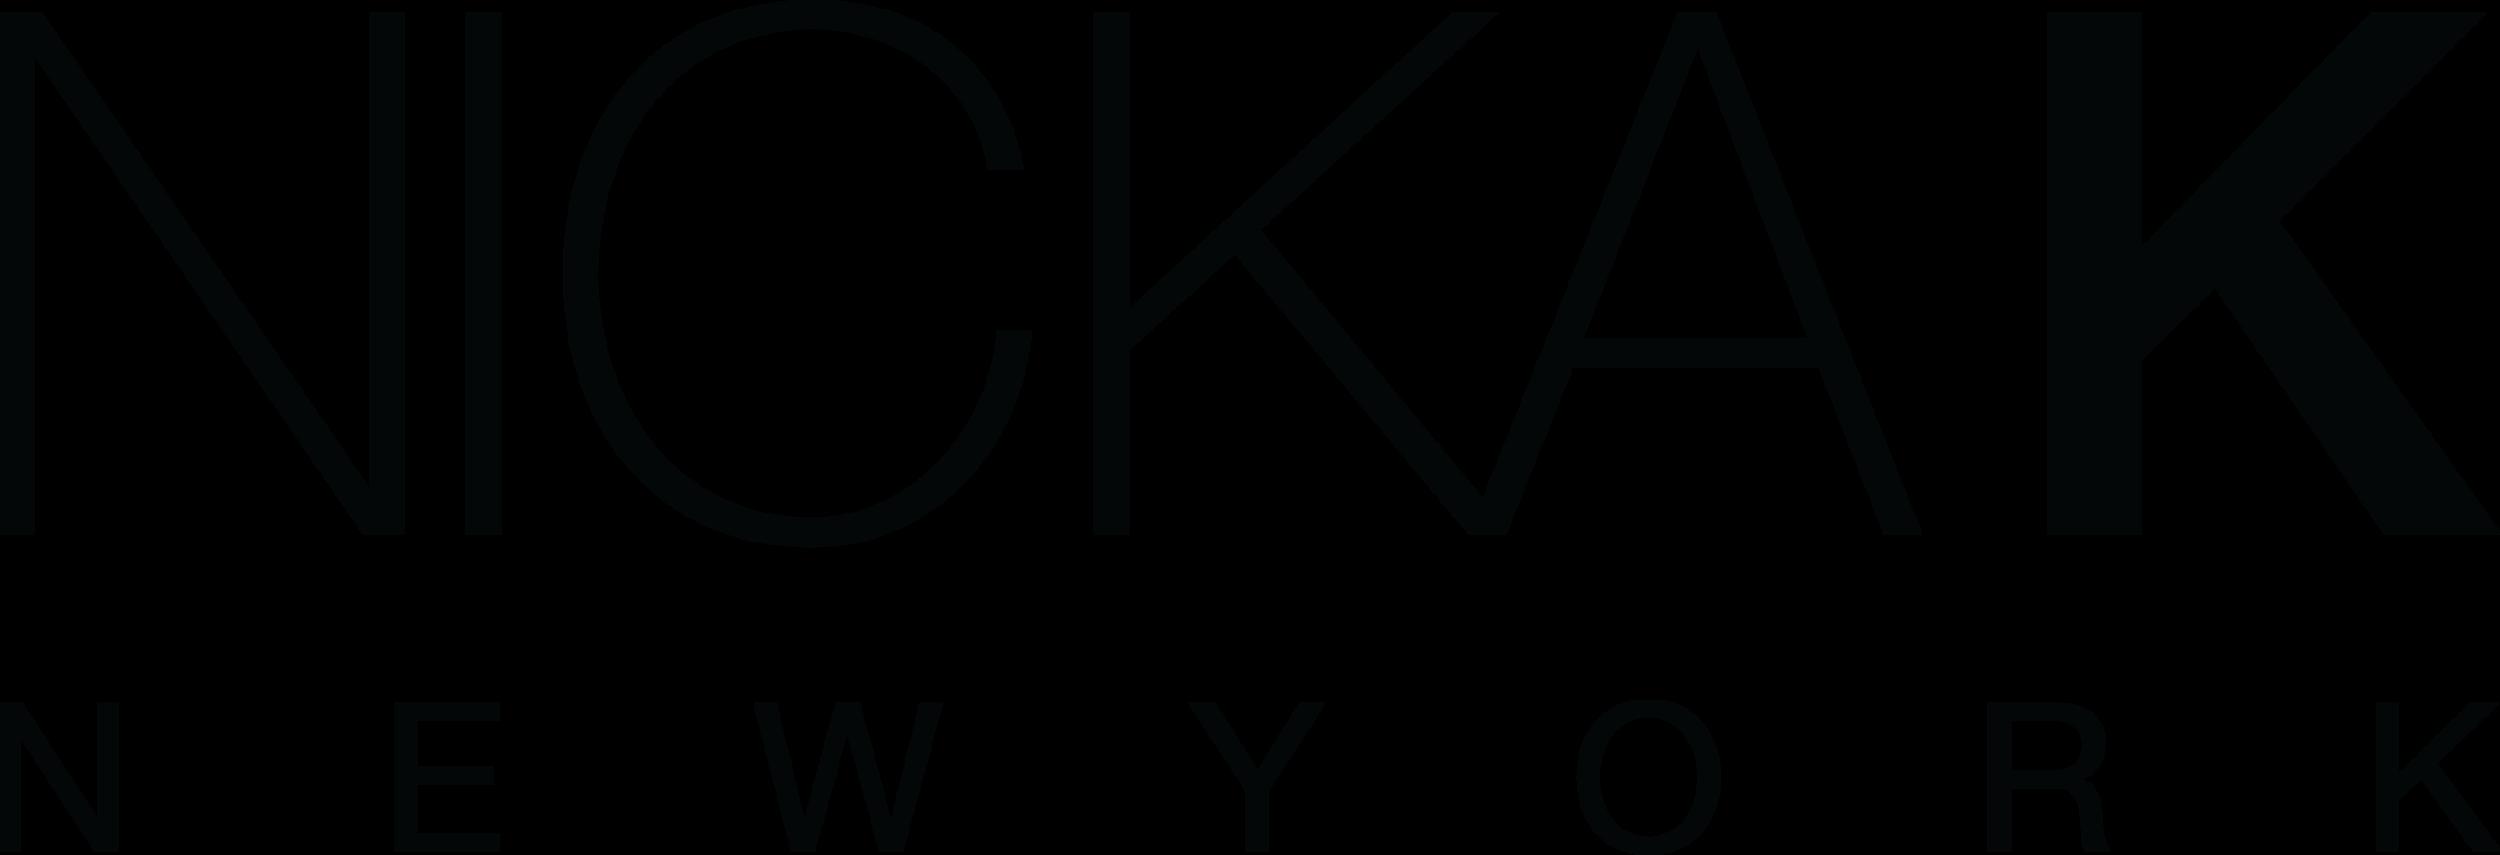 NICKA-K-B.PNG